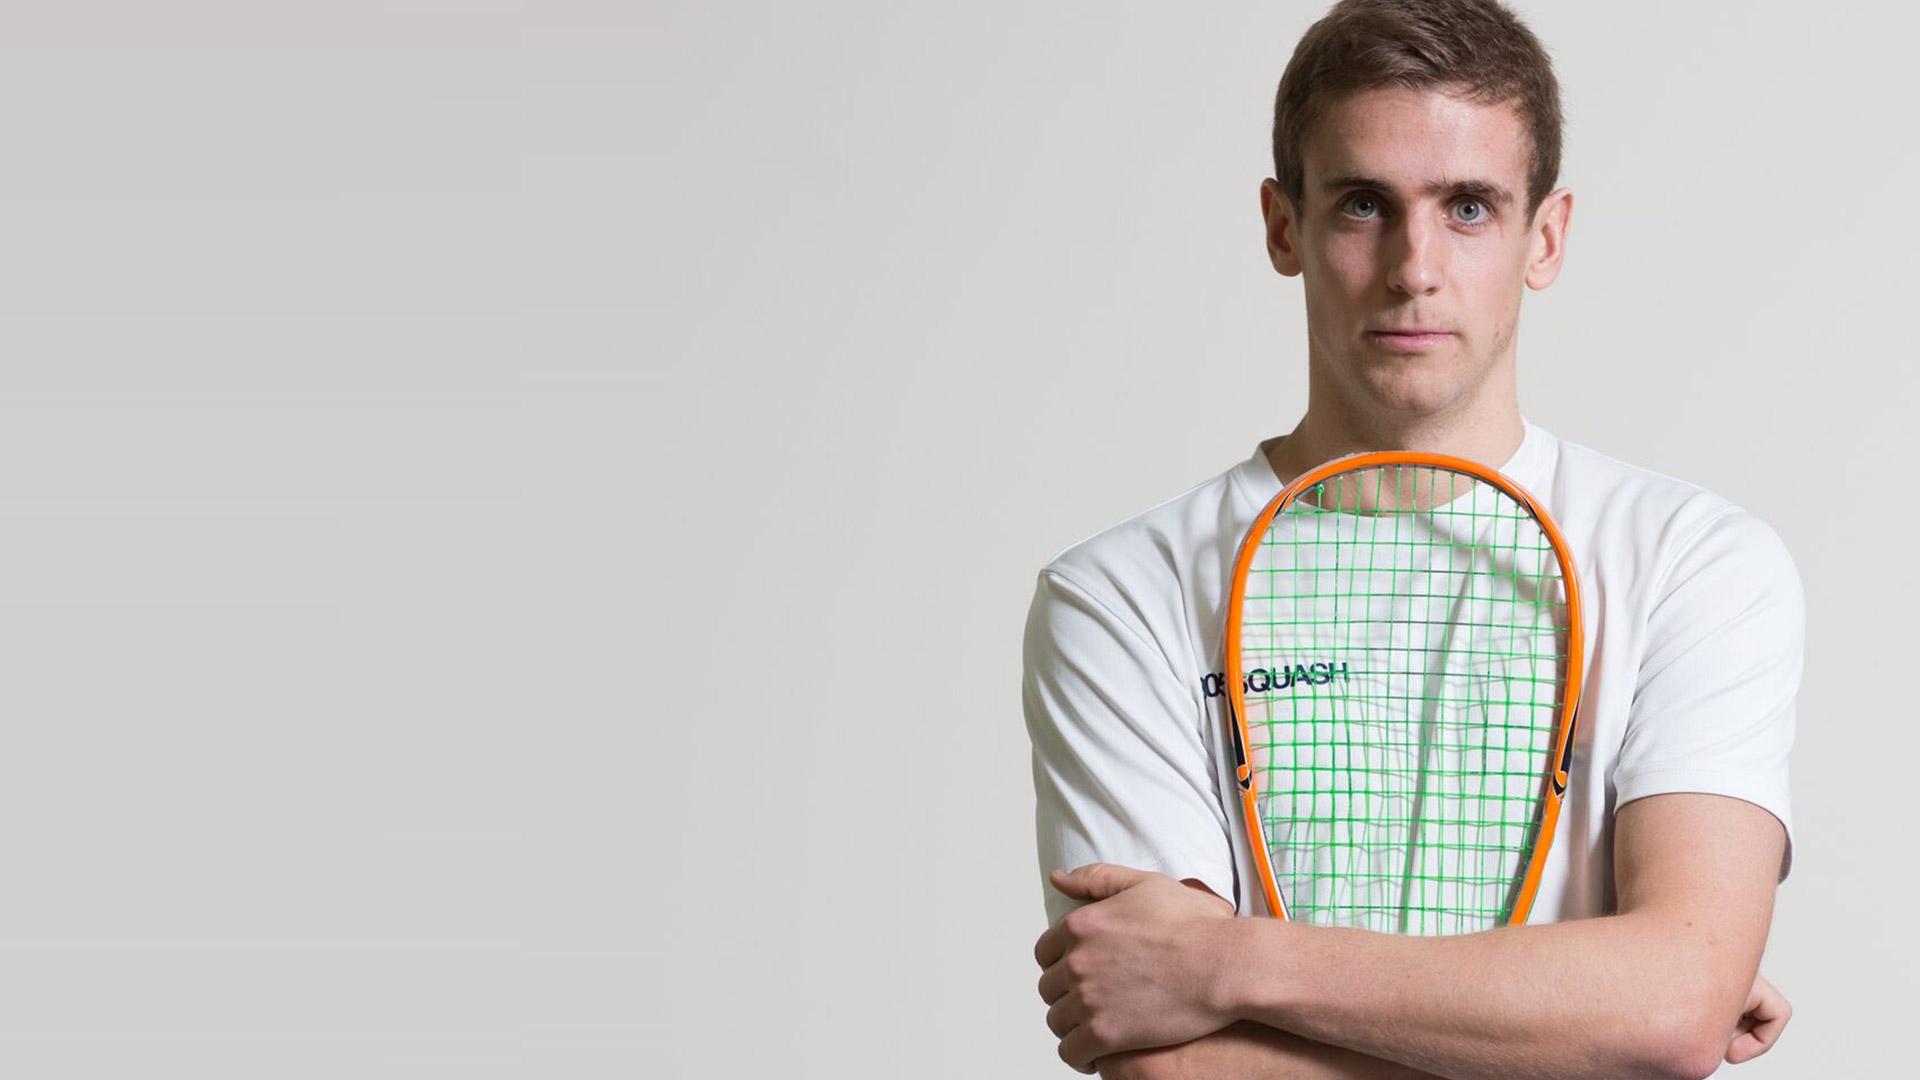 Adam Murrills - Squash Player